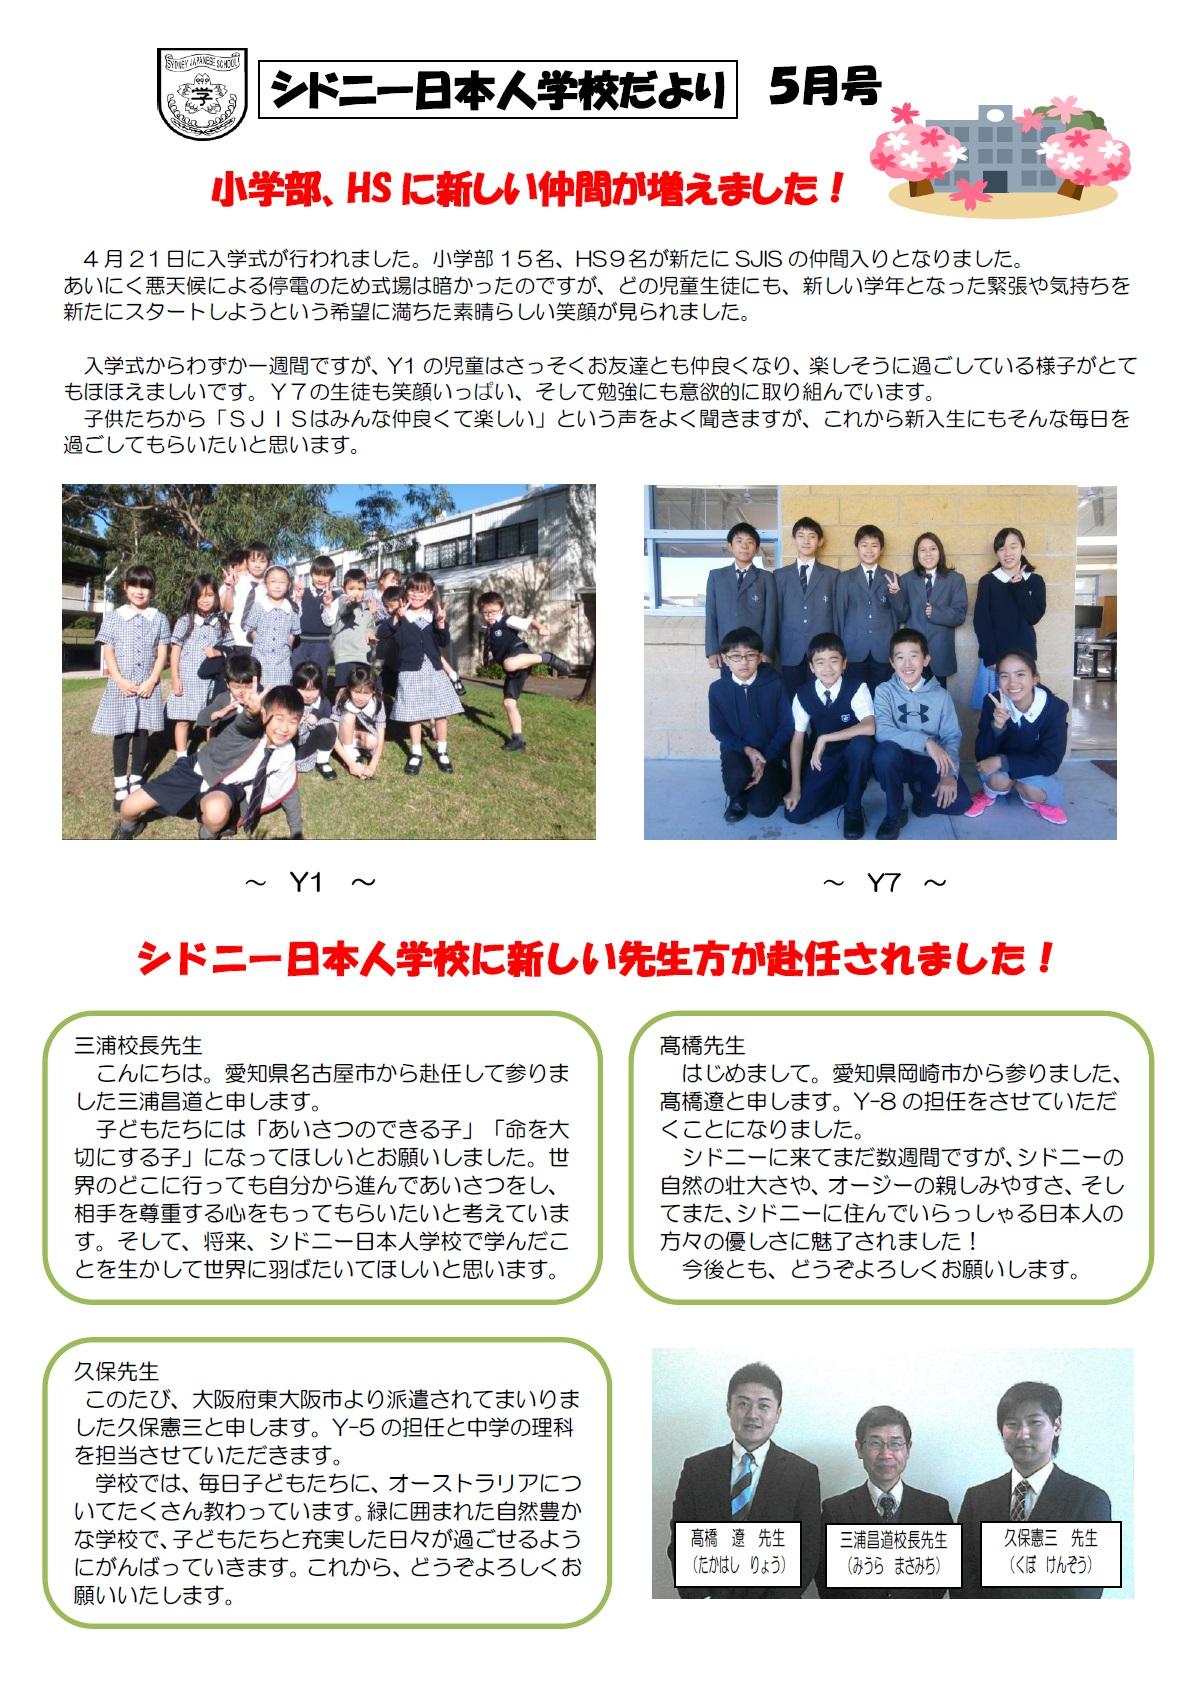 シドニー日本人学校だより 5月号